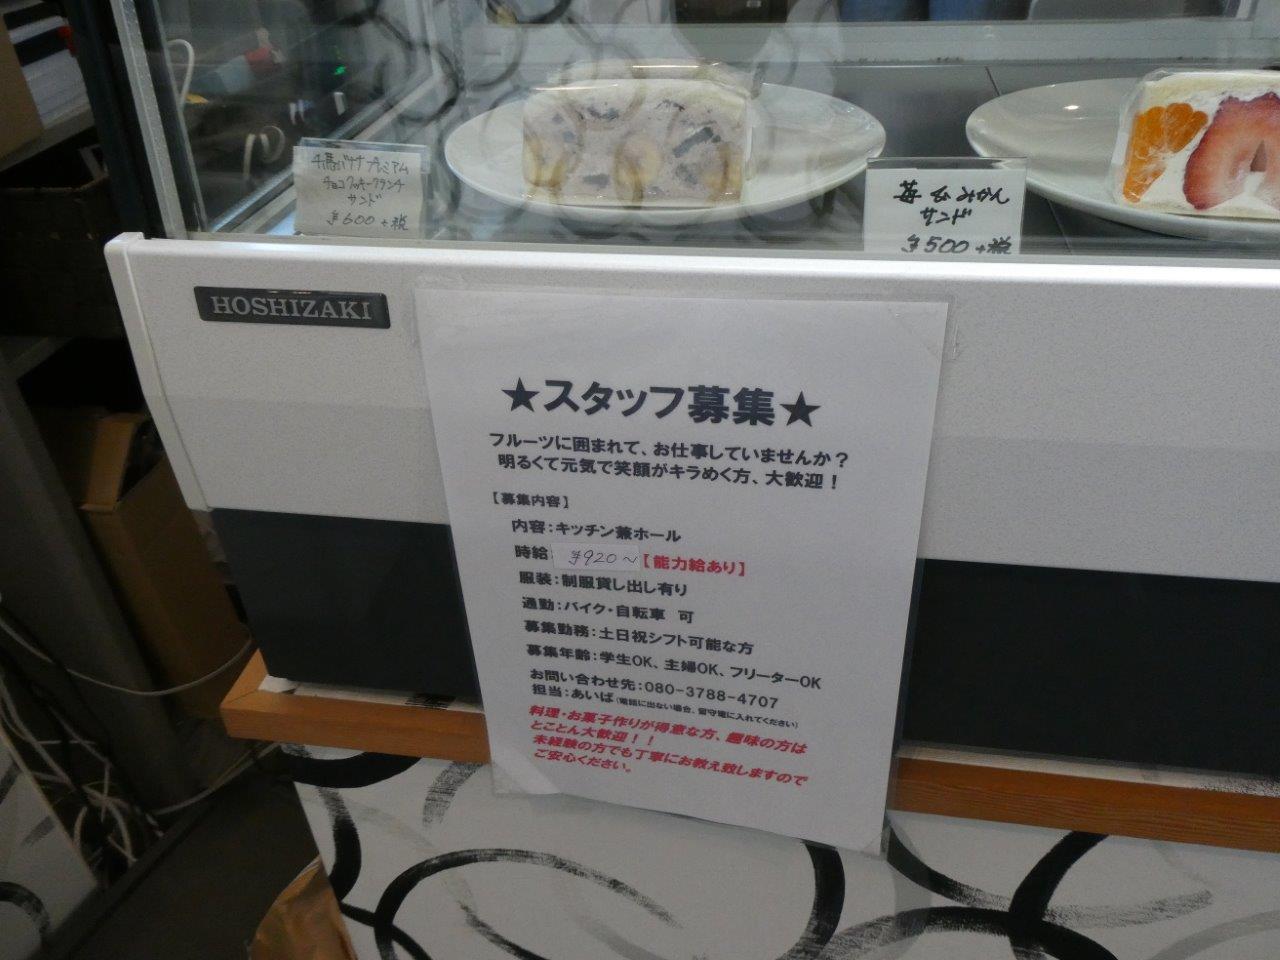 千馬ミヤビ (Miyabi)果物に精通した_d0106134_16012774.jpg